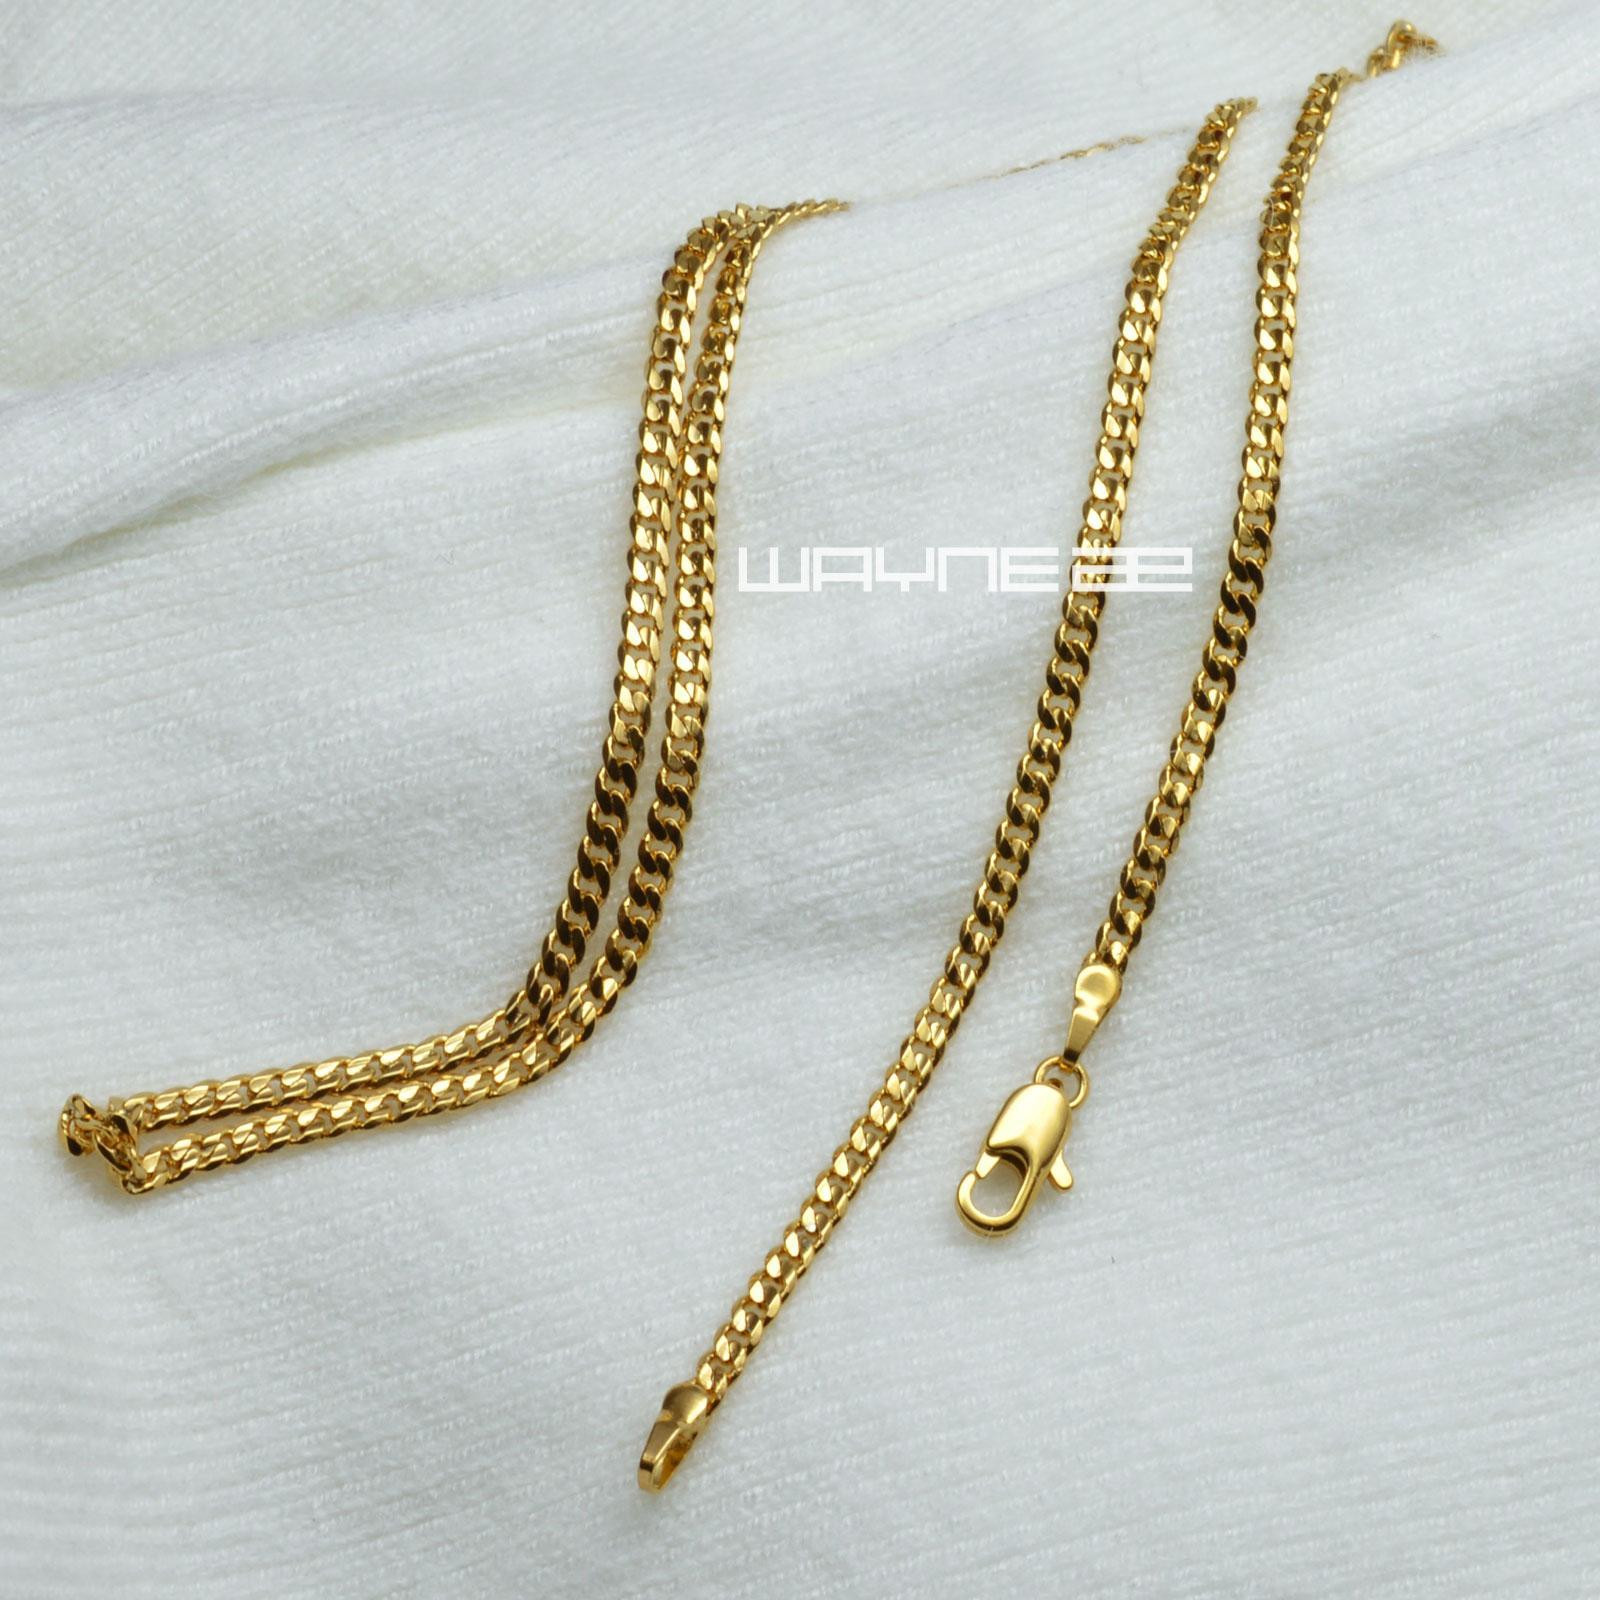 Elegante 18K 18CT gelbes Gold füllte GF 17,7 Zoll (45 cm) Länge Damen-Kette Halskette N316